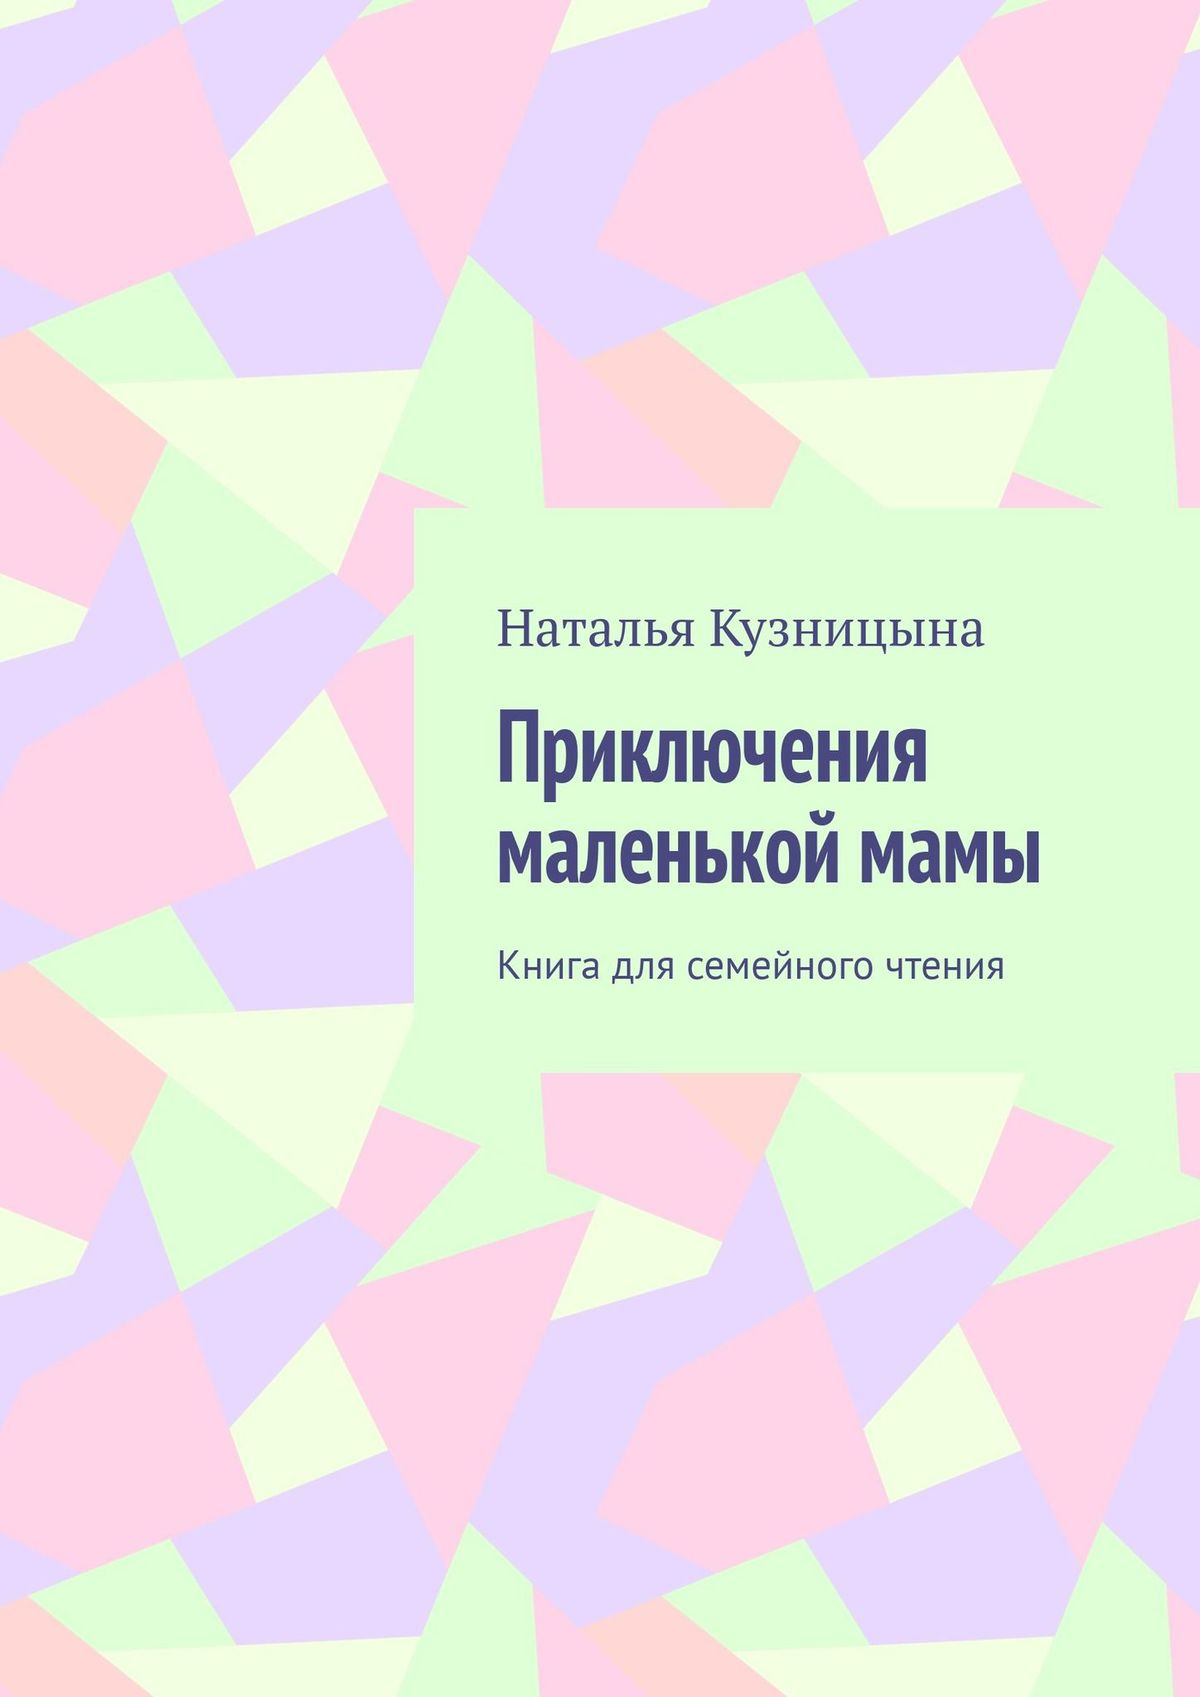 Наталья Кузницына Приключения маленькой мамы. Книга для семейного чтения